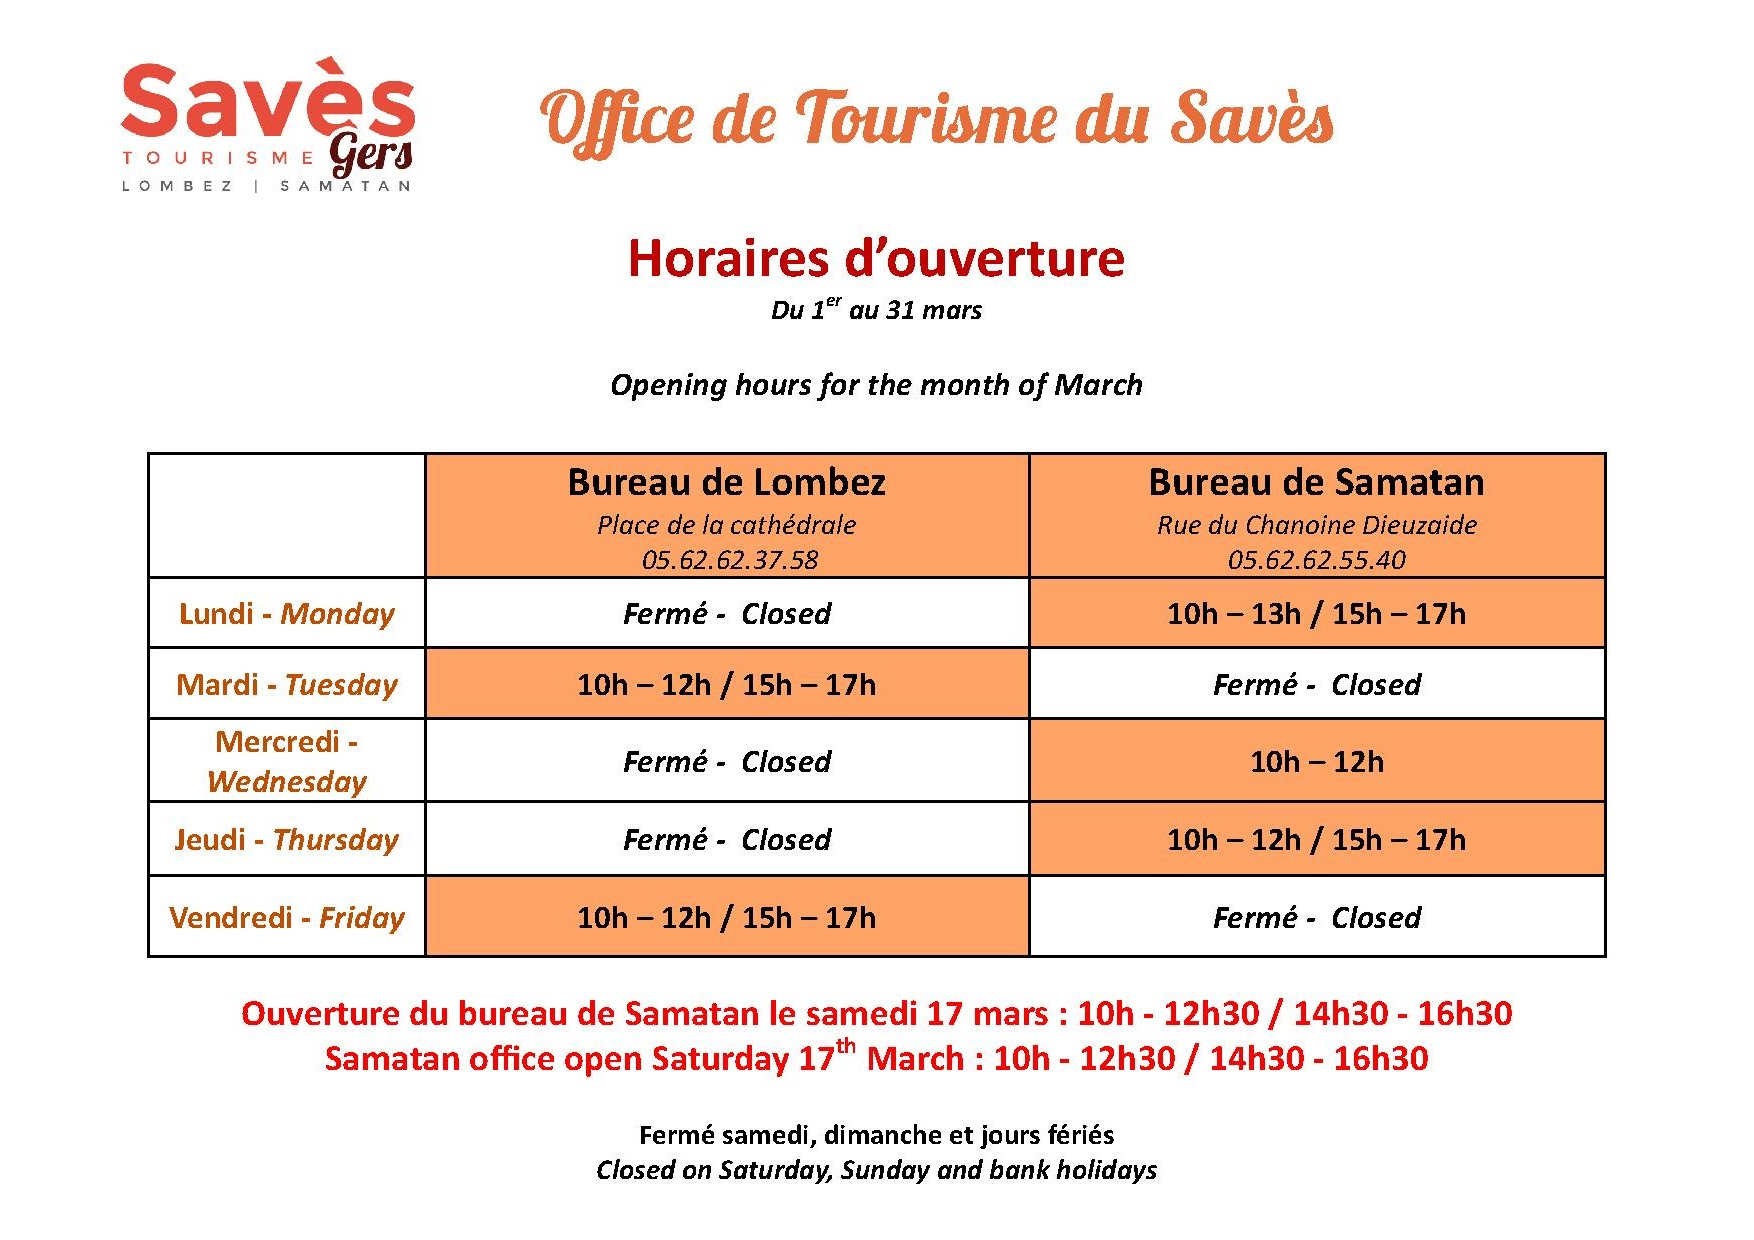 Accueil site officiel de l 39 office de tourisme du sav s - Site officiel office de tourisme de cauterets ...